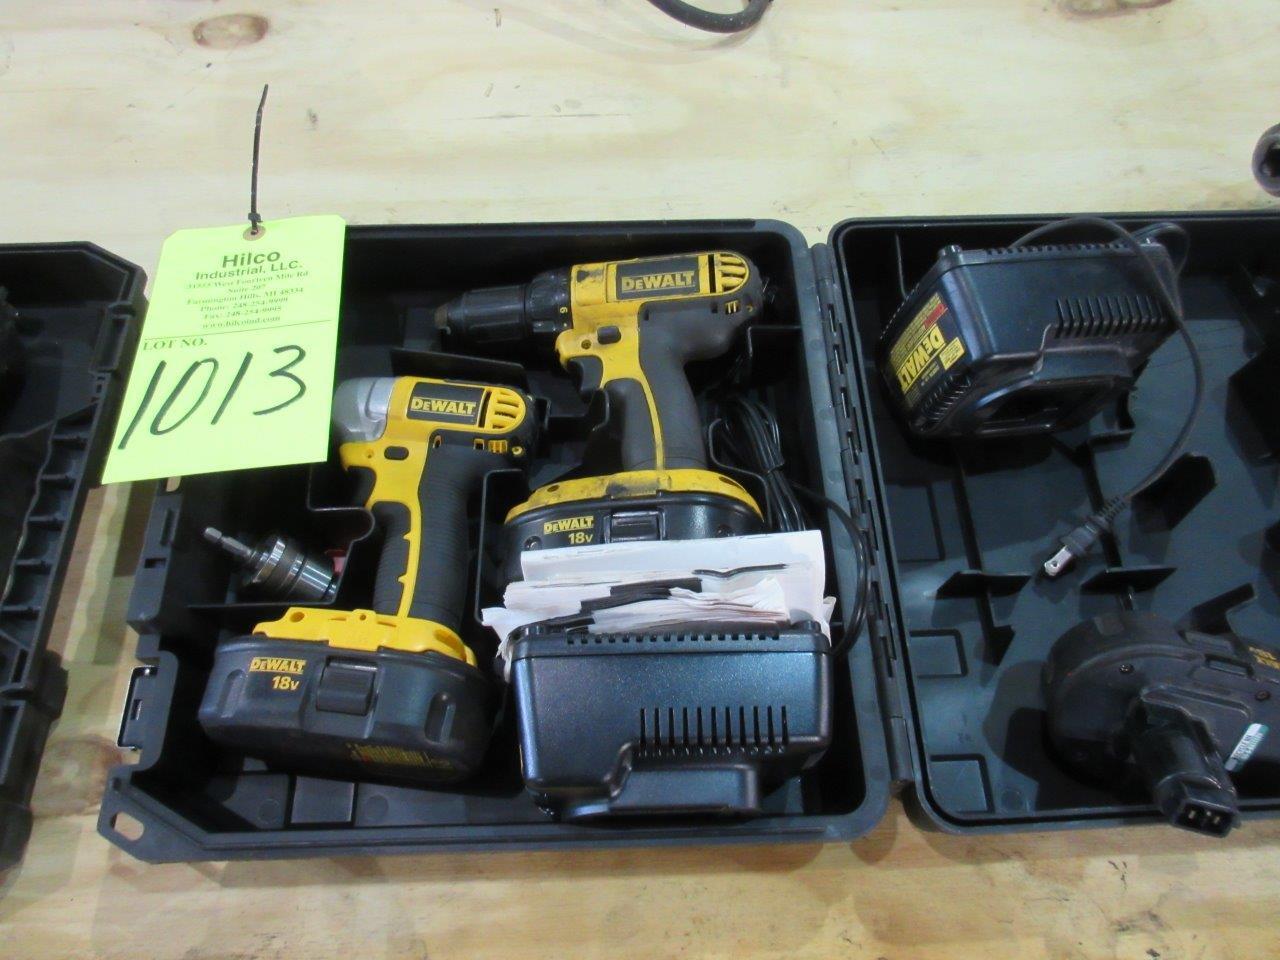 Lot 1013 - DeWalt 18 Volt Cordless (1) Drill Driver and (1) Impact Drill